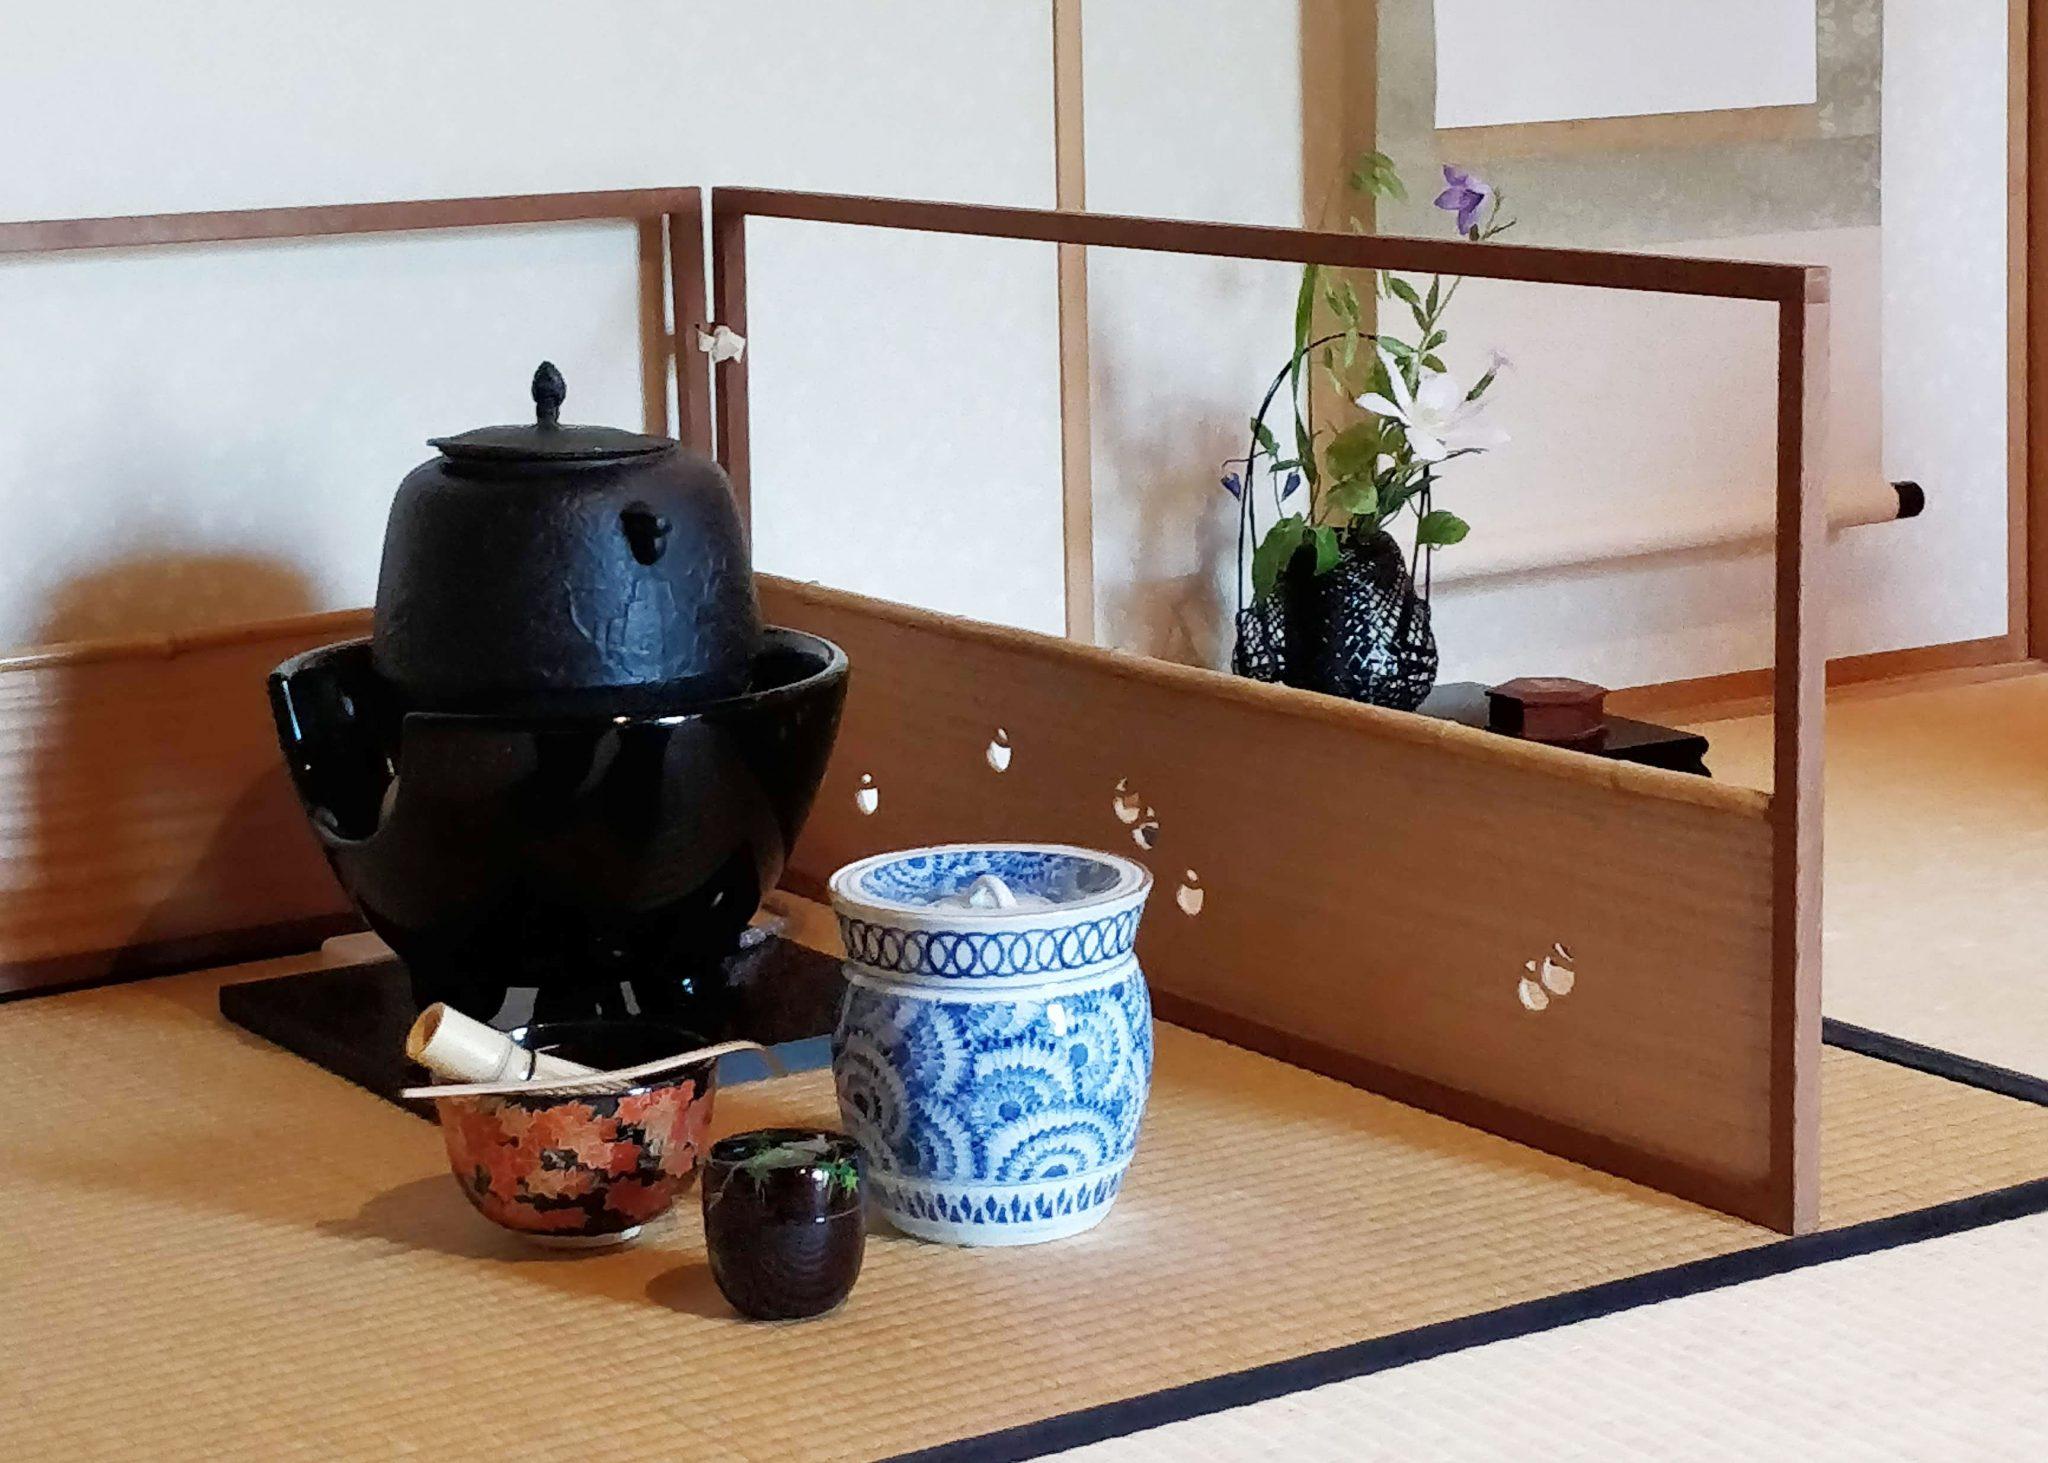 teehuone kiotossa - tatamilattiat ja teen valmistukseen liittyviä esineitä